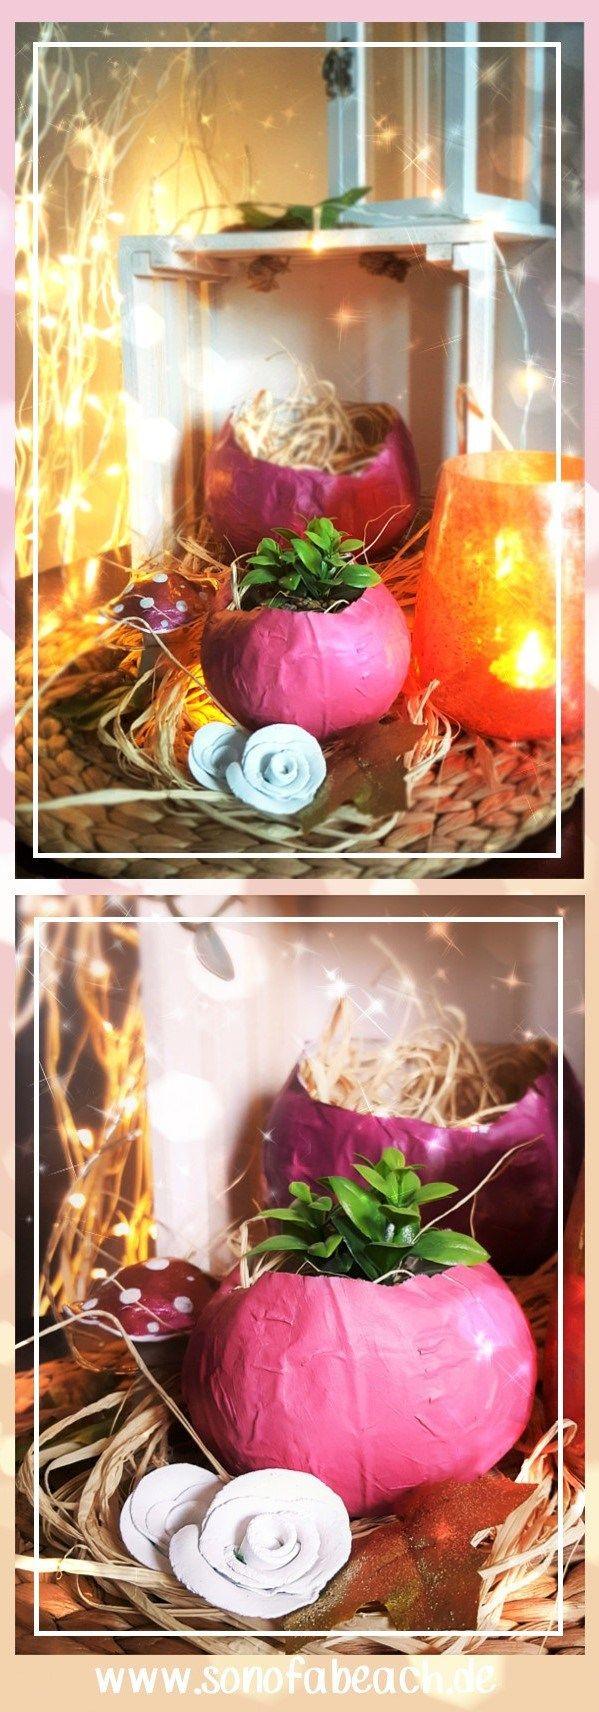 Herbst DIY - Ich zeige euch, wie ihr mit einfachen Mitteln einen wunderschönen Kürbis für eure Herbstdeko Selbermachen könnt.